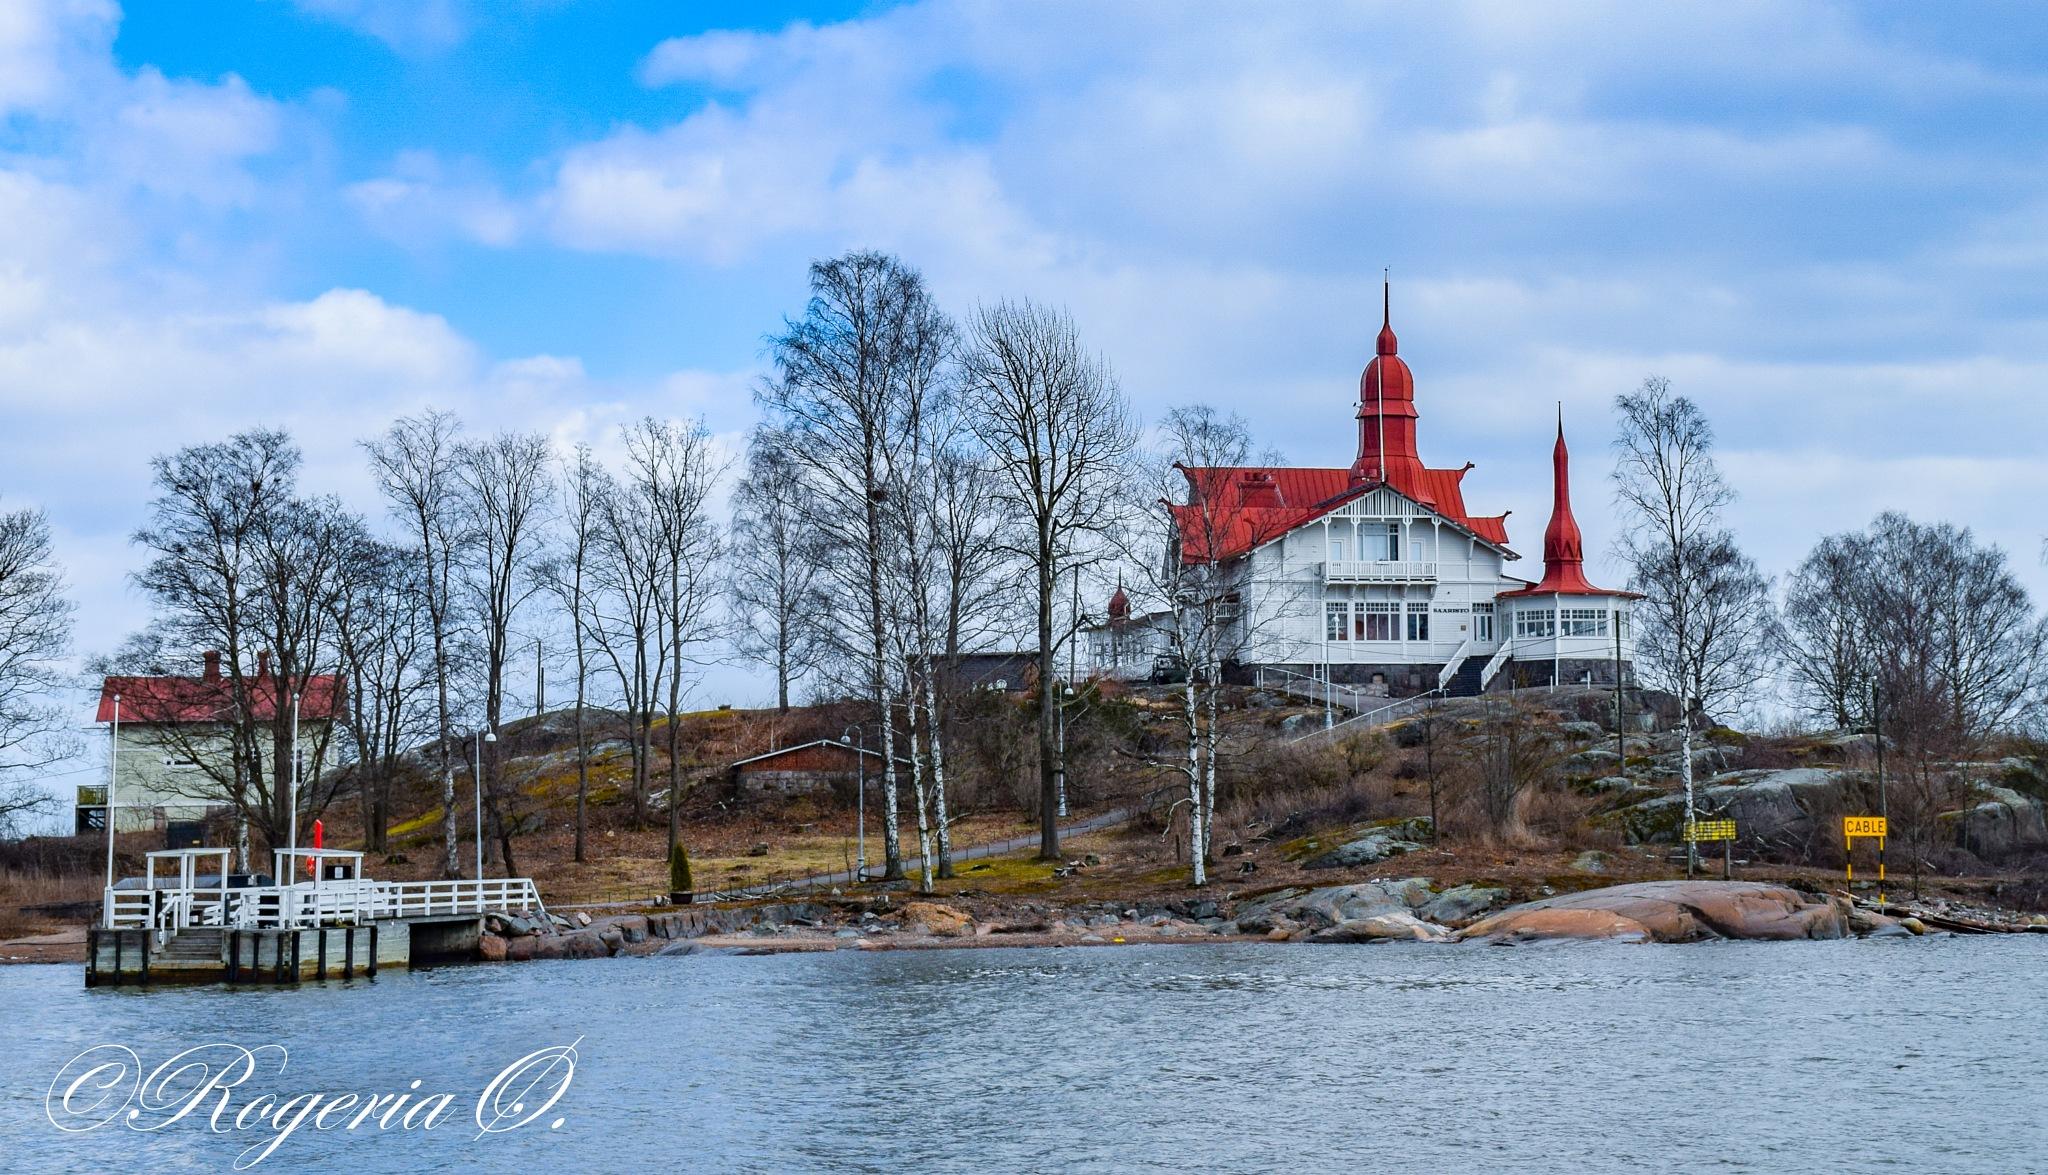 Katajanokka by Rogeria Øksendal